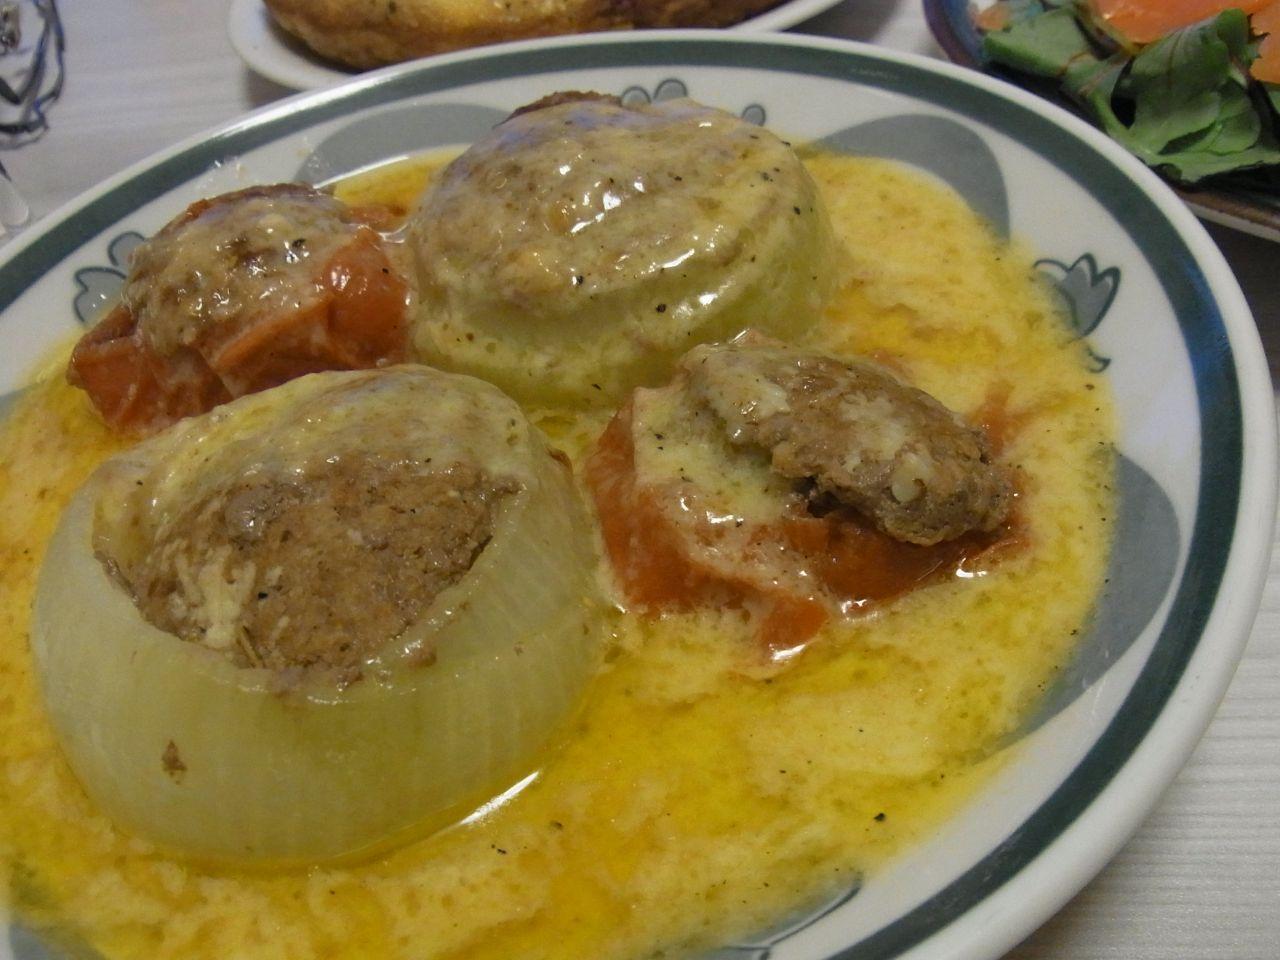 トマトと玉ねぎの肉詰め焼きチーズソース